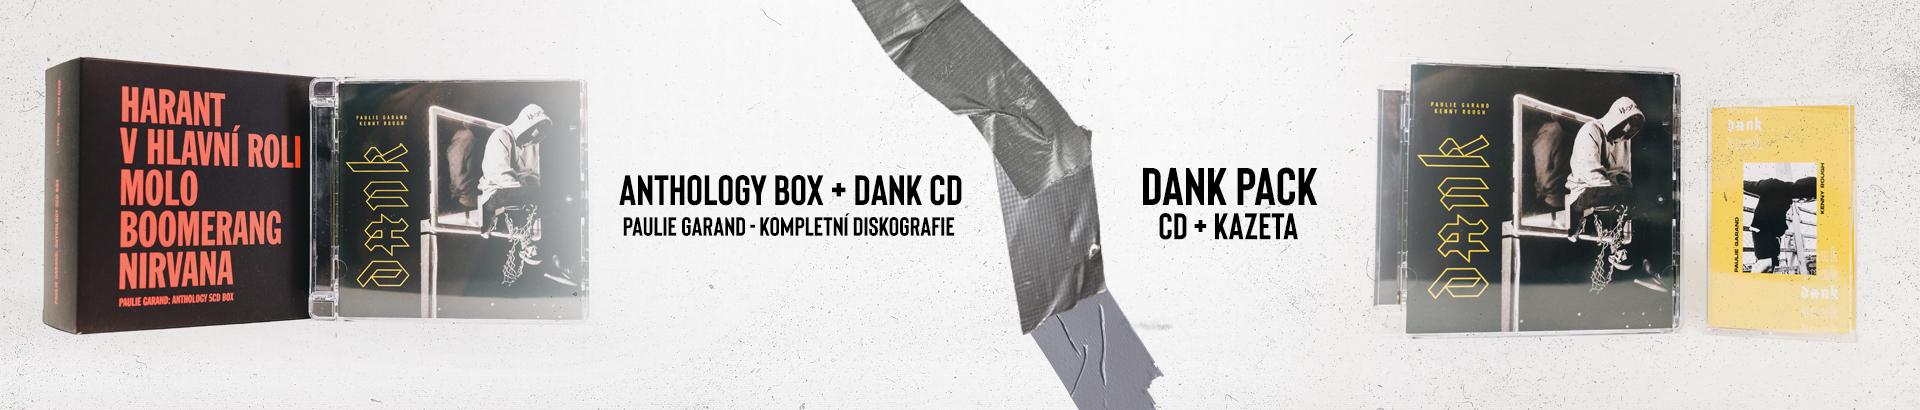 CD - Packs